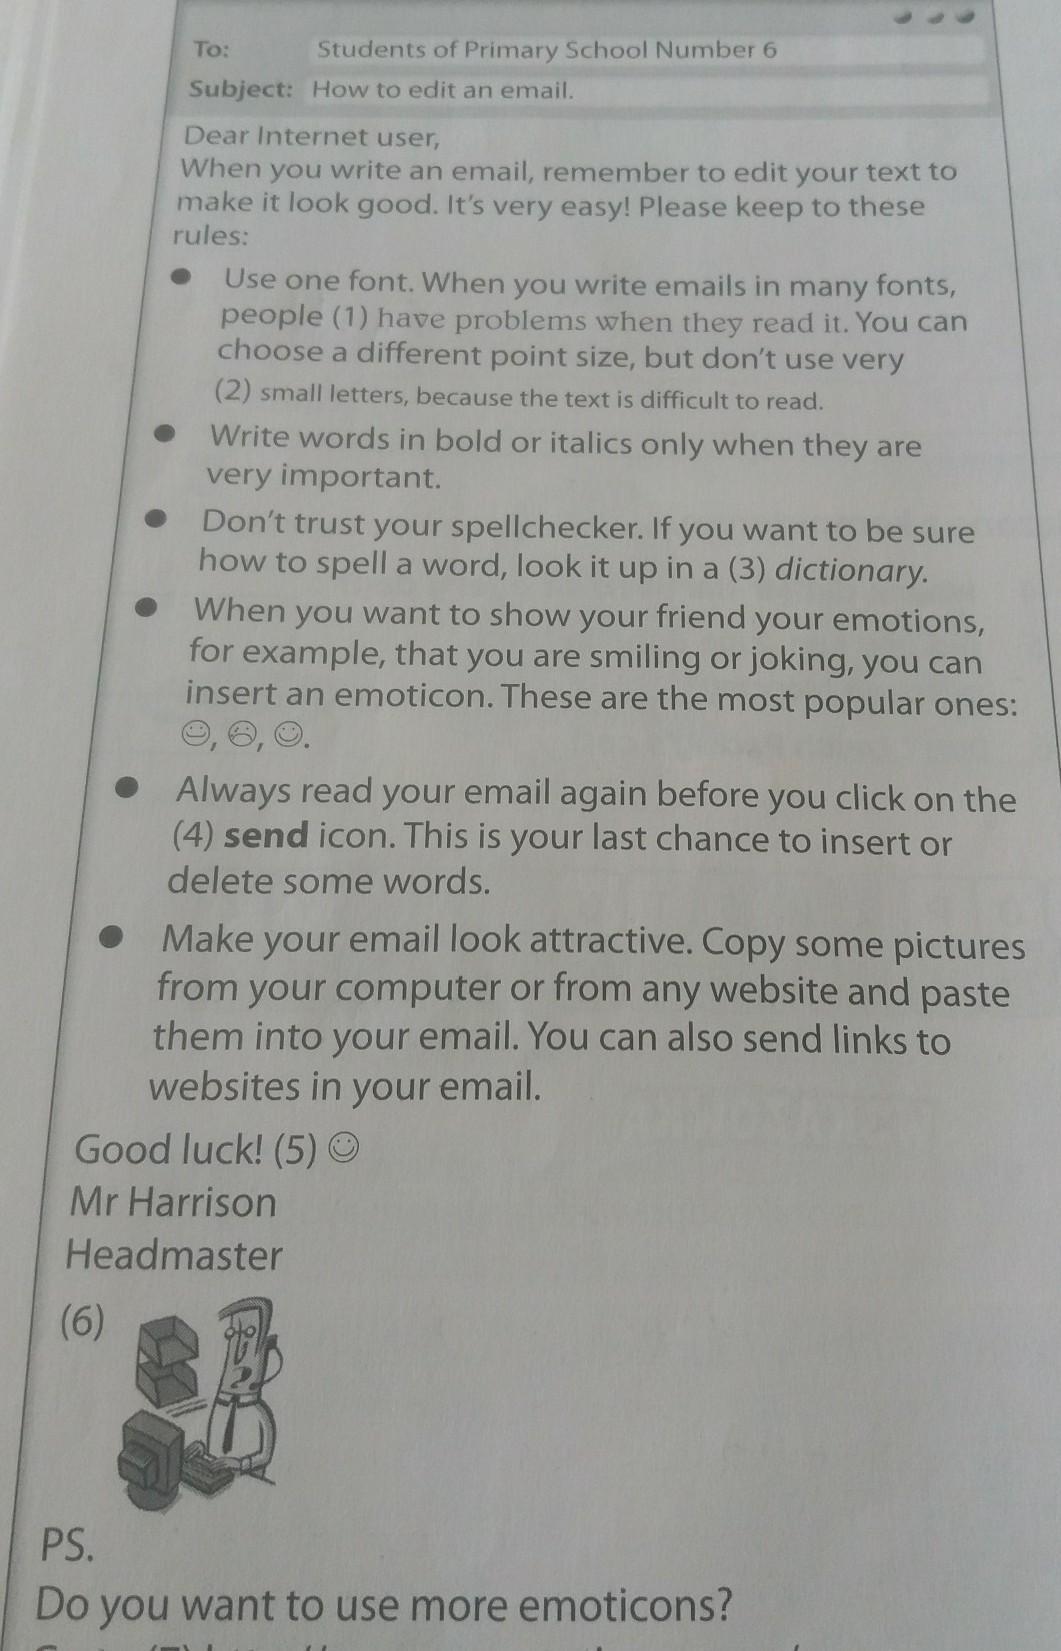 Przeczytaj tekst i dopasuj przyklady (1-7) doponiższych nazw a point